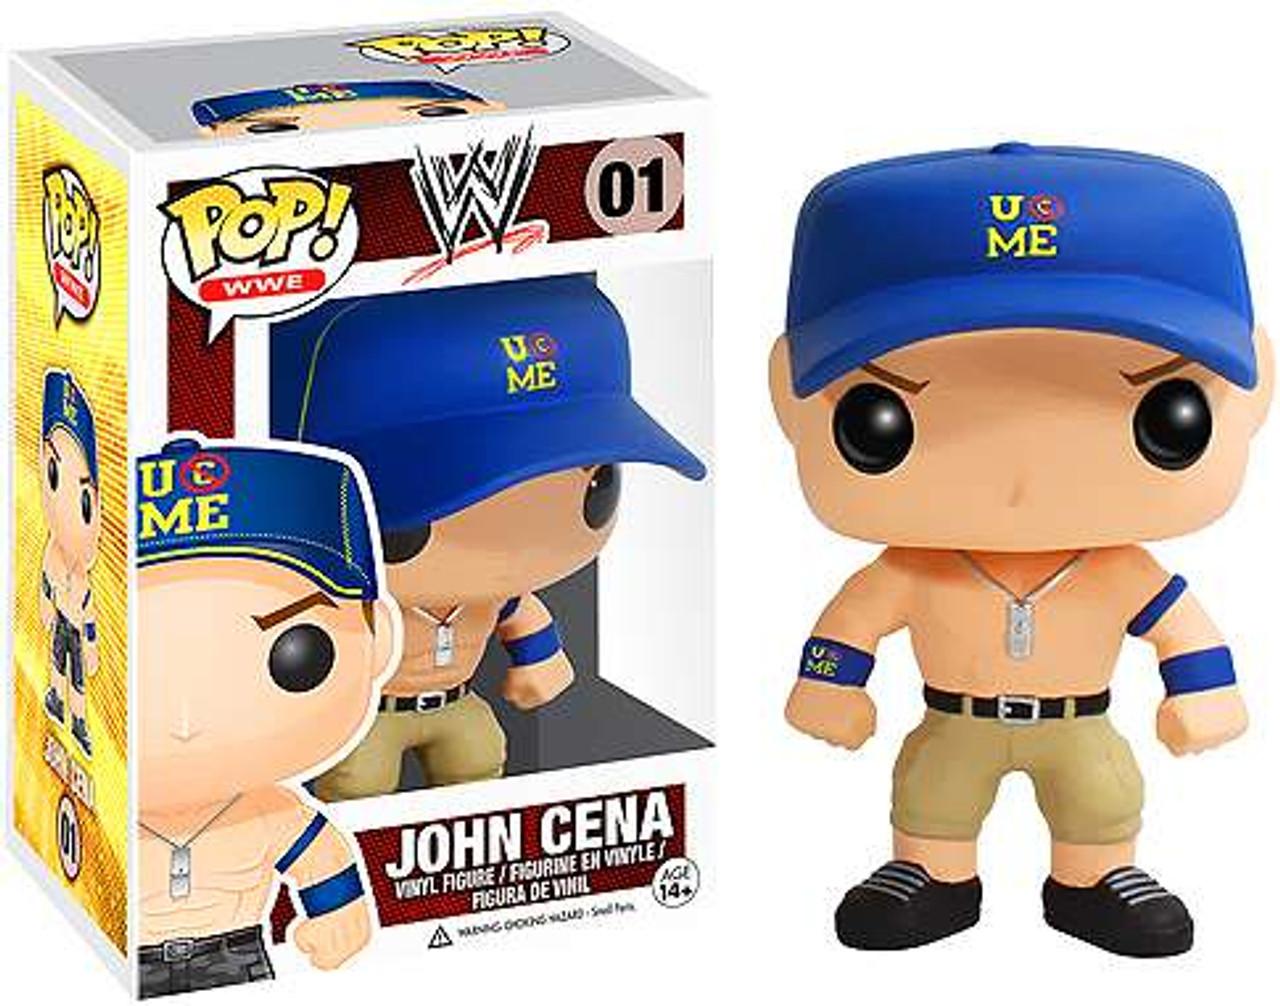 WWE Wrestling Funko POP! John Cena Vinyl Figure #01 [Blue Hat]